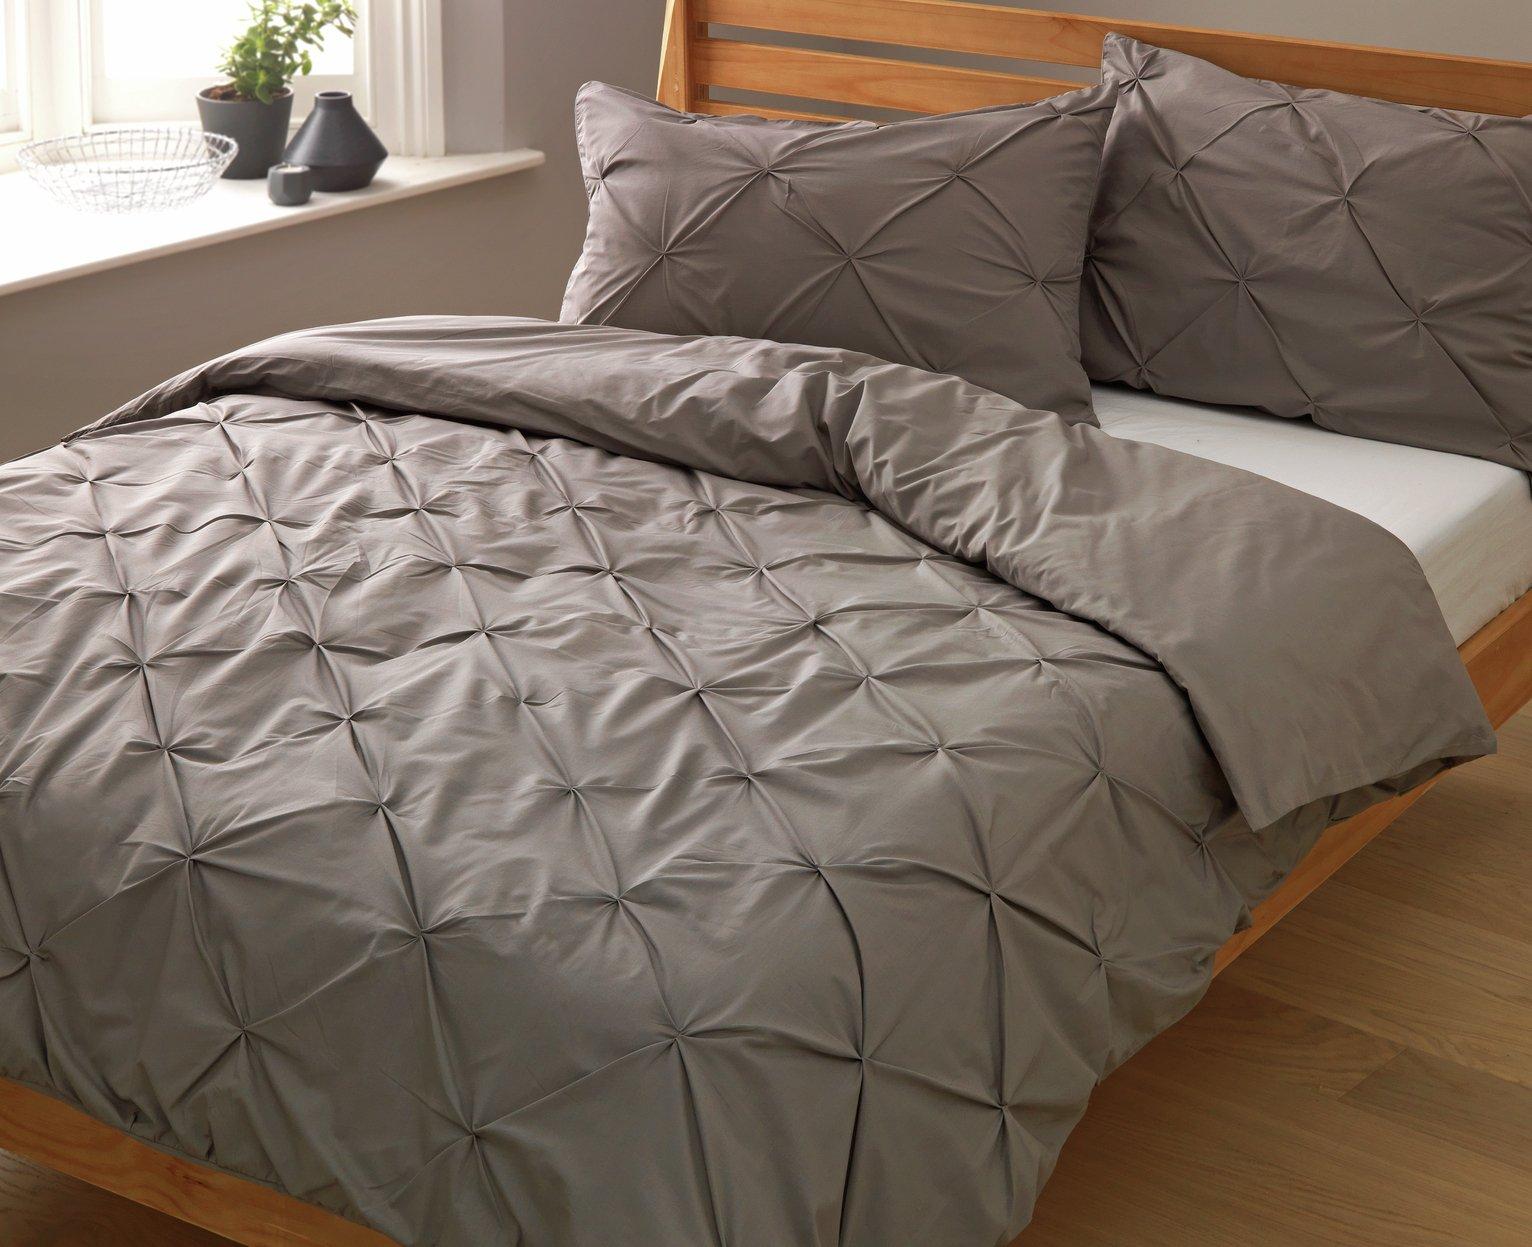 Argos Home Hadley Grey Pintuck Bedding Set review